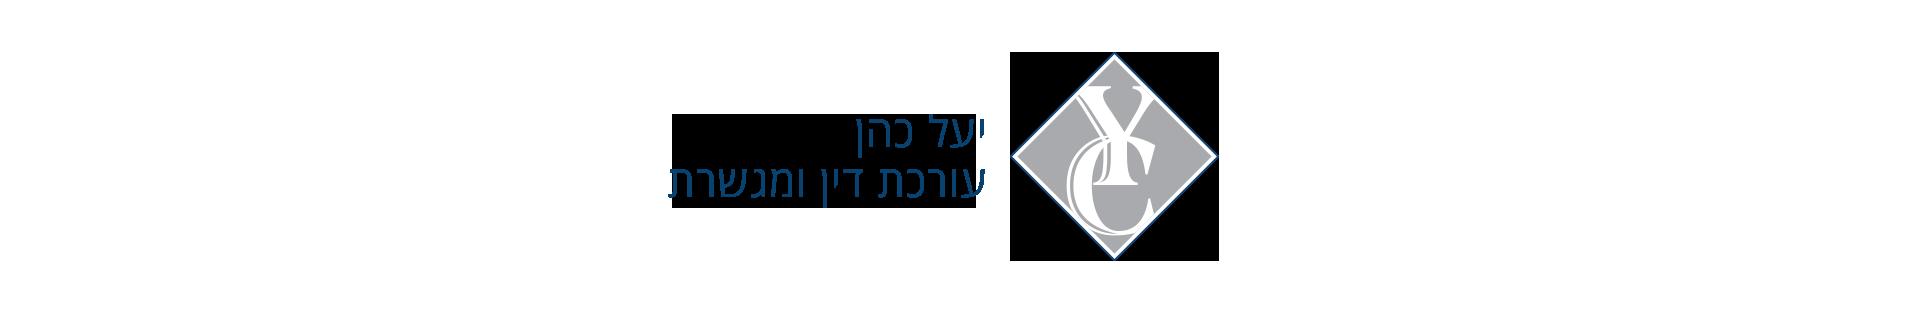 לוגו יעל כהן